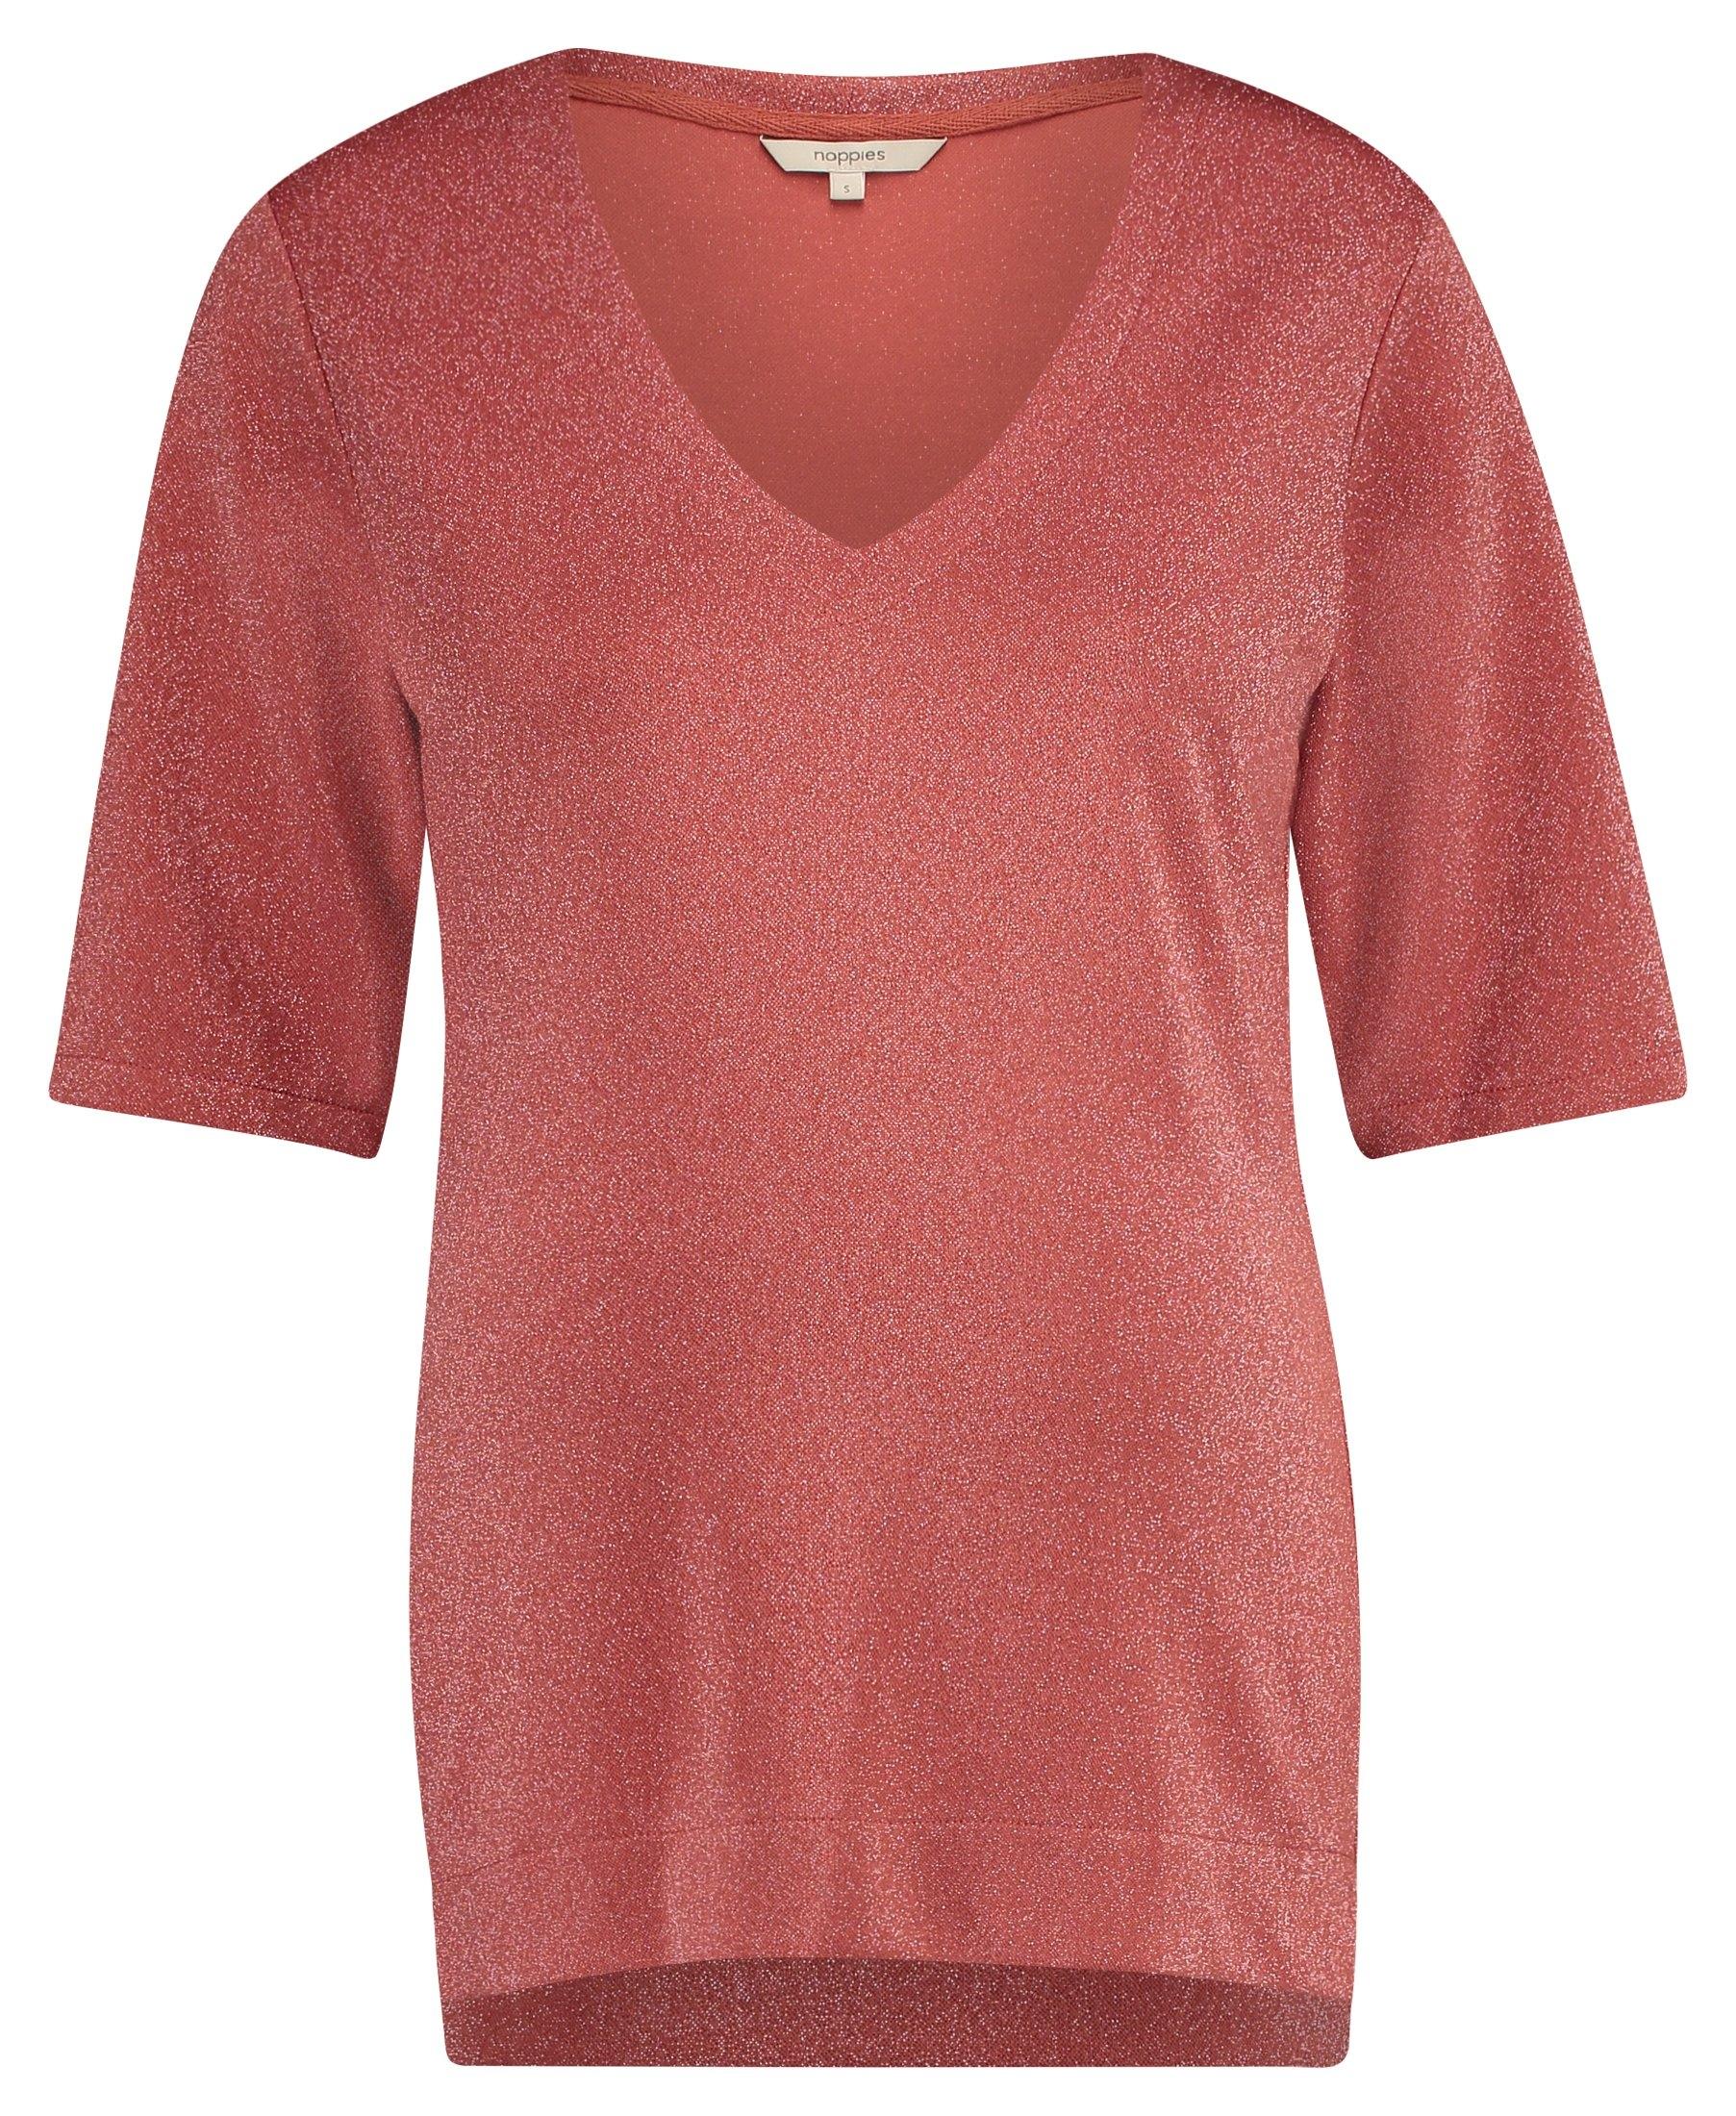 Noppies T-shirt »Kendra« voordelig en veilig online kopen